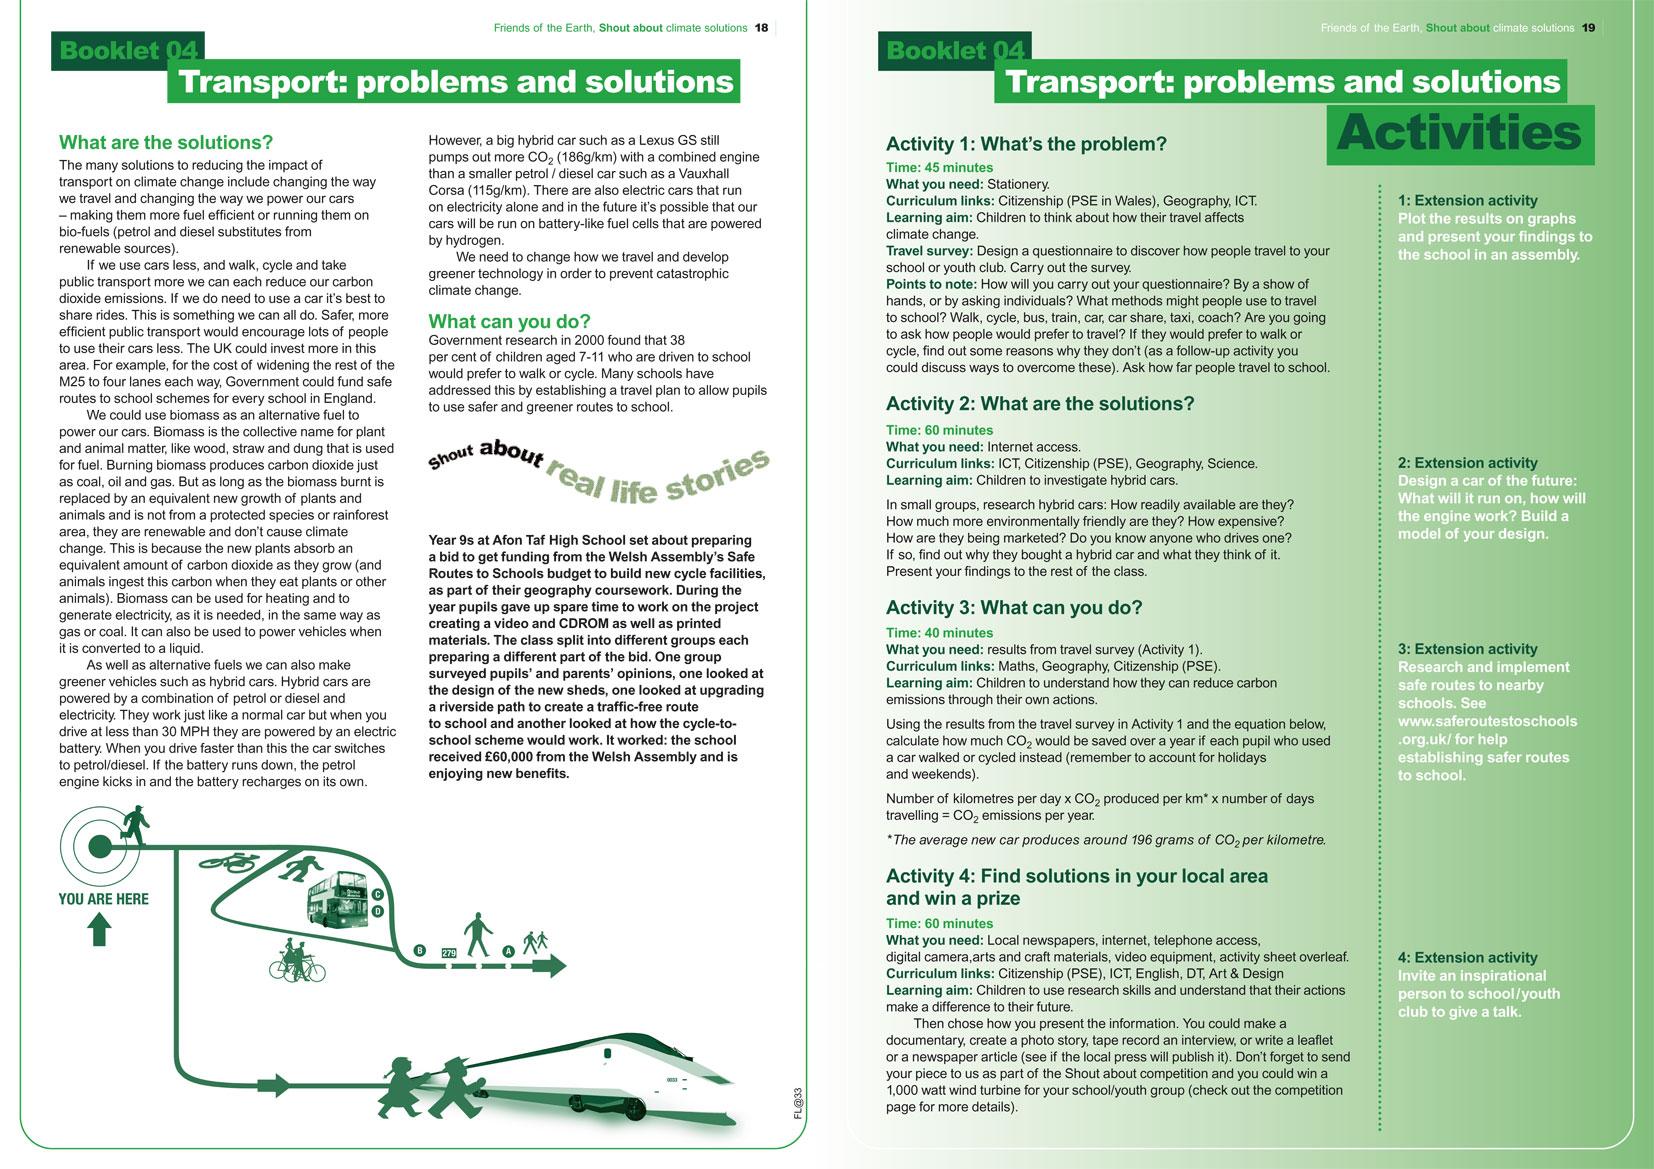 Booklet-4-2-3-2.jpg